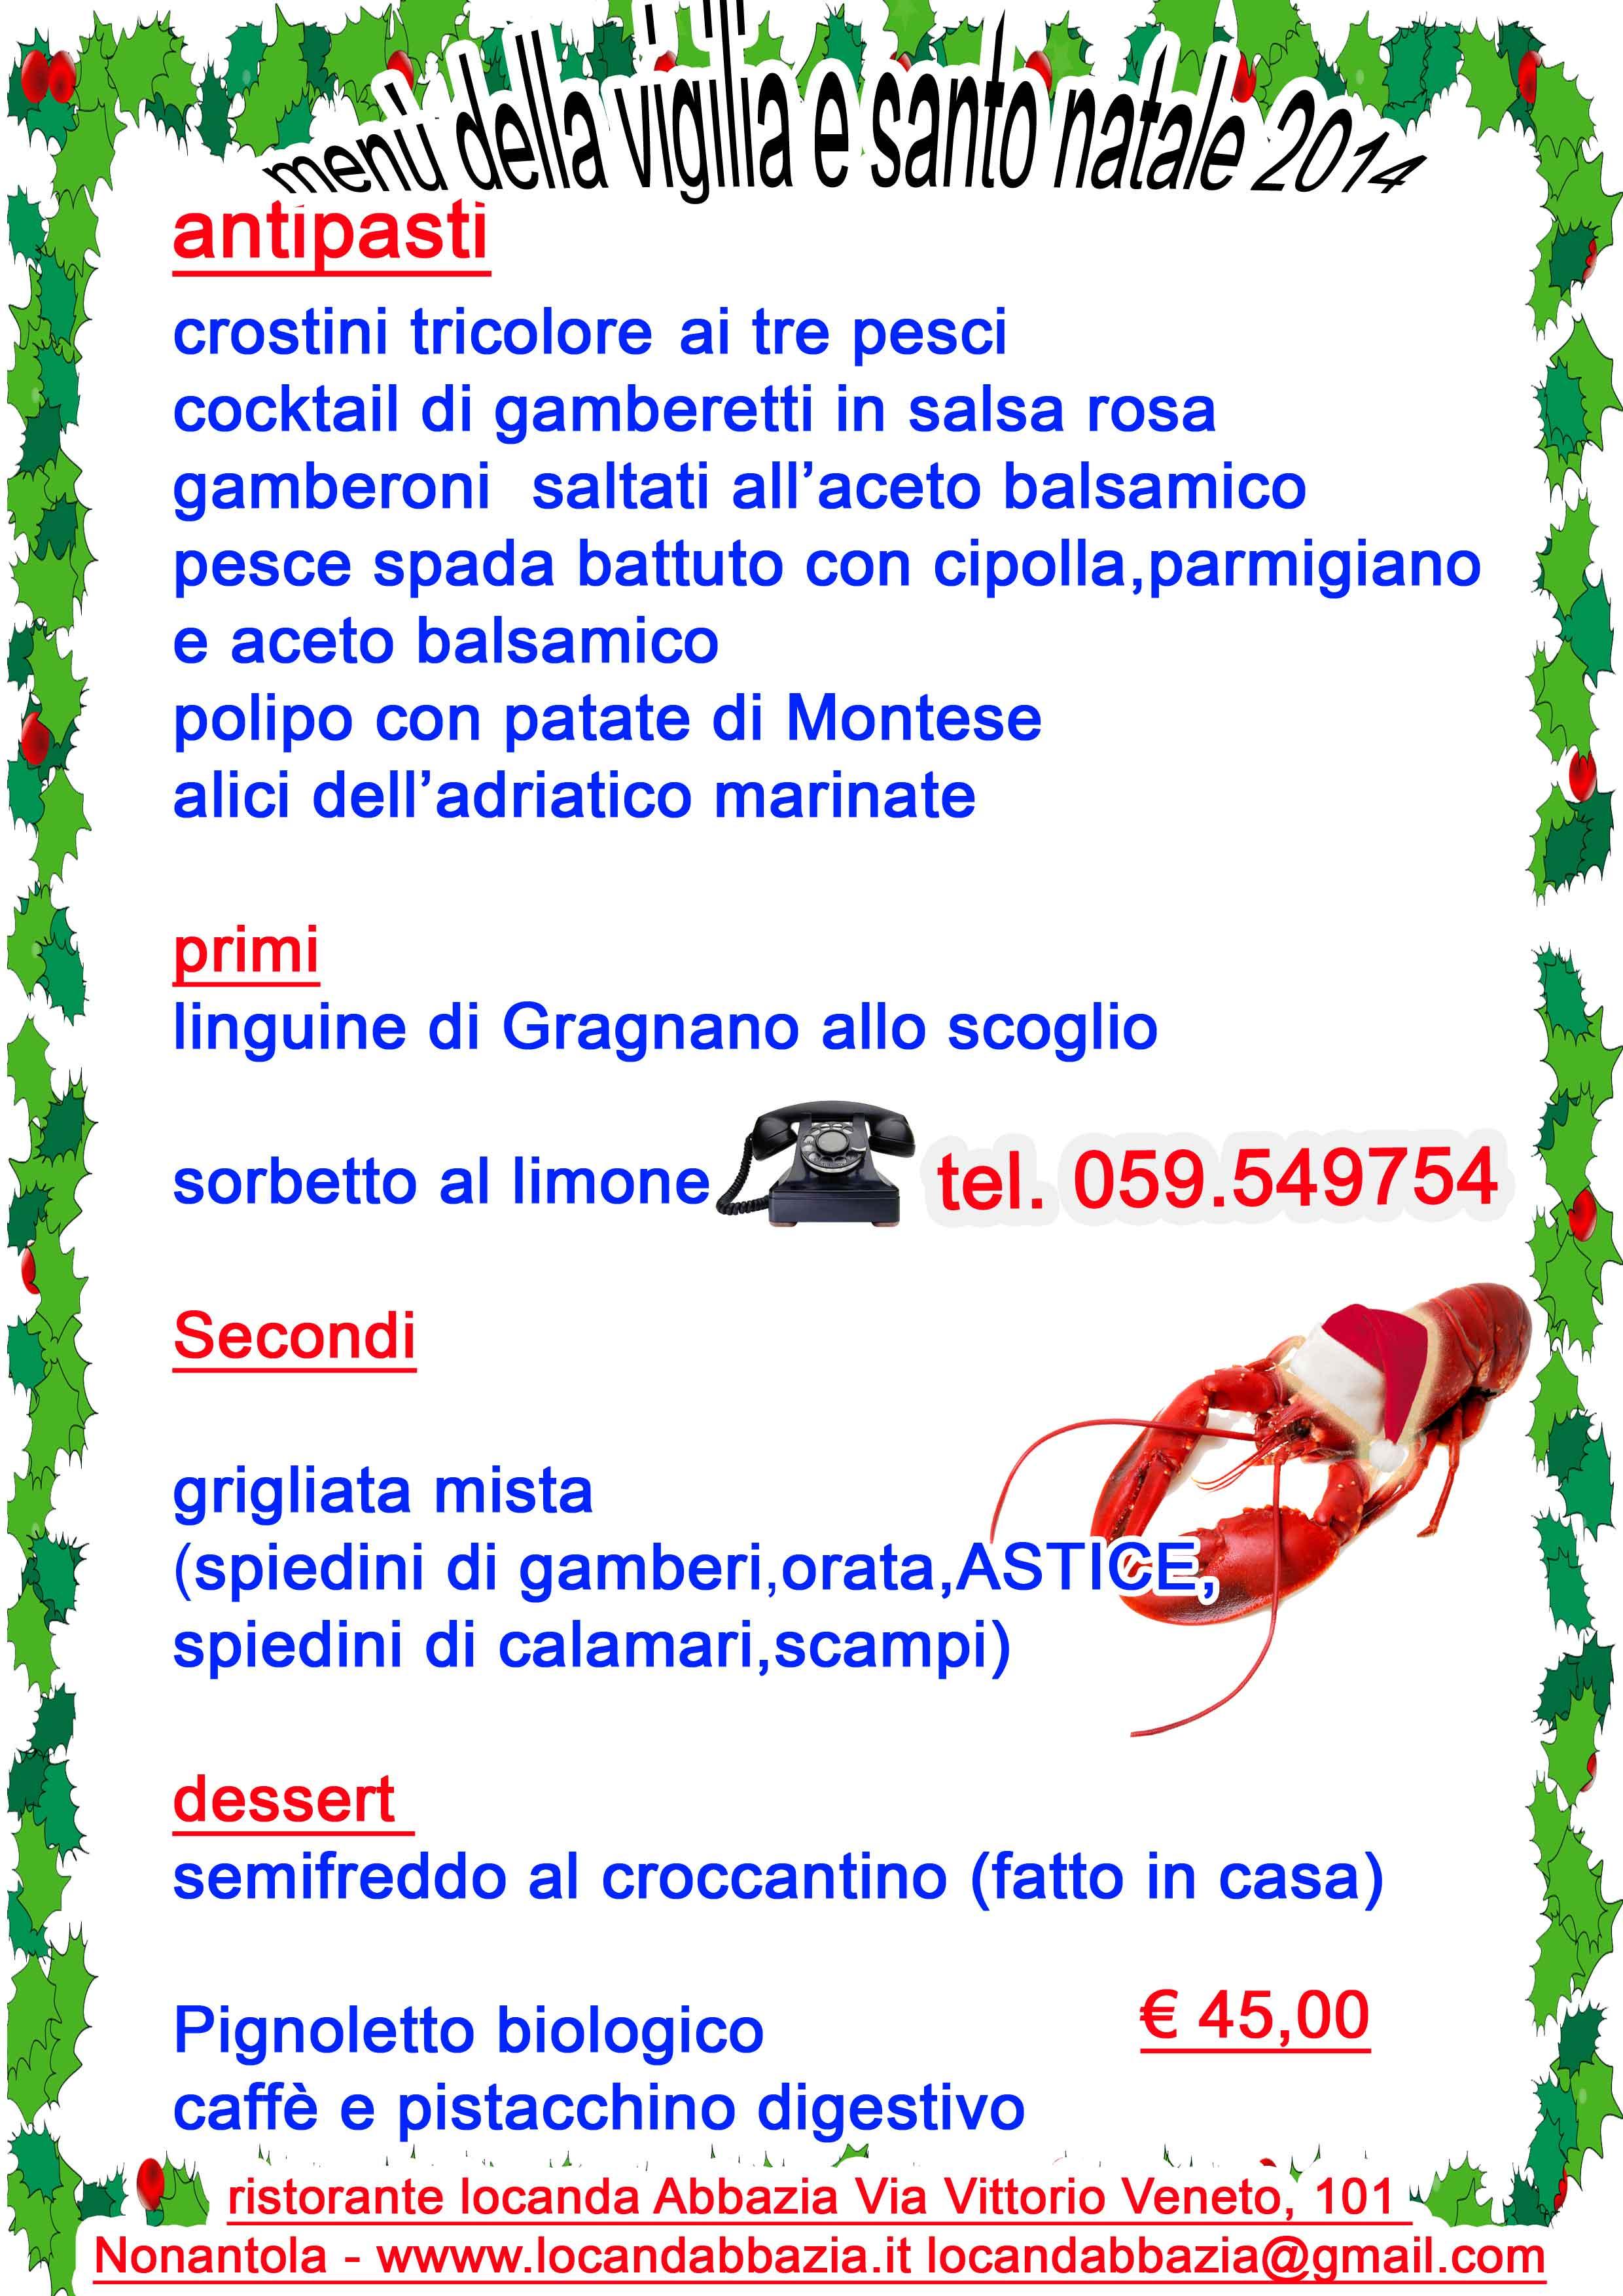 Menu Della Vigilia Di Natale.Menu Della Vigilia Di Natale By Ristorante Locanda Abbazia